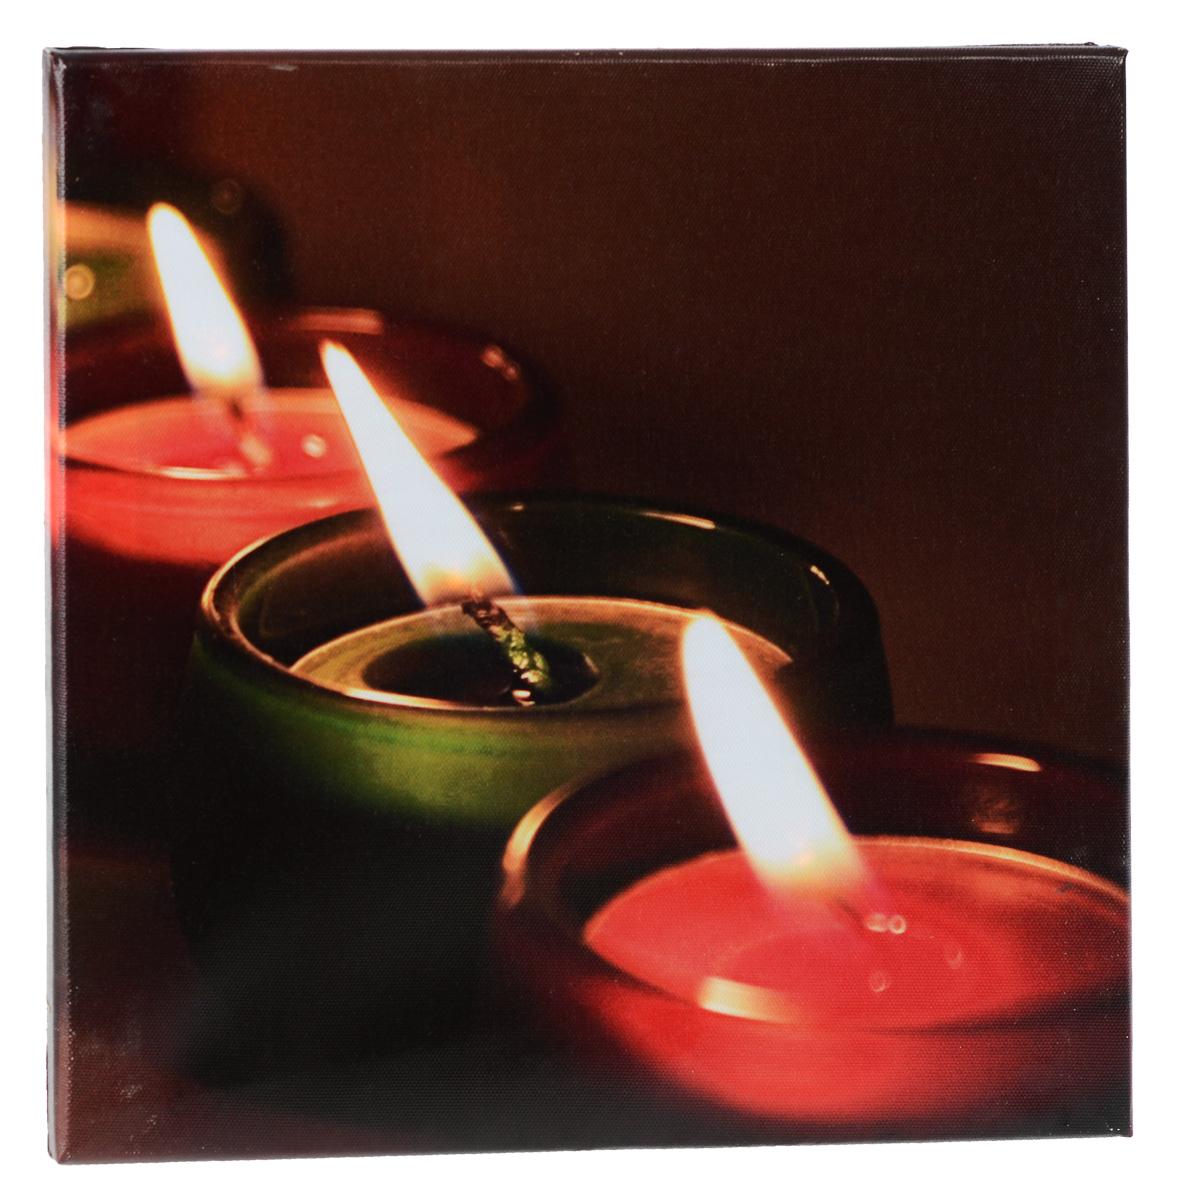 Картина MTH Три свечи, со светодиодами, 30 см х 30 смU210DFКартина MTH Три свечи выполнена на основе из МДФ, обтянутой холстом.Изделие оснащено светодиодами. Их теплый мерцающий в темноте светоживит ваш дом и добавит ему уюта. На картине изображены 3 декоративные свечи. Благодаря светодиодной подсветке создается ощущение, что теплый свет, исходящий от свечей, действительно может согревать. С оборотной стороны картина оснащена специальным отверстием для подвешивания на стену.Необычная картина придаст интерьеру невероятного шарма и оригинальности.Рисунок успокаивает нервную систему, помогая расслабиться и отвлечься отповседневных забот. Подсветка работает от 2 батареек типа АА напряжением 1,5V (в комплект не входят).